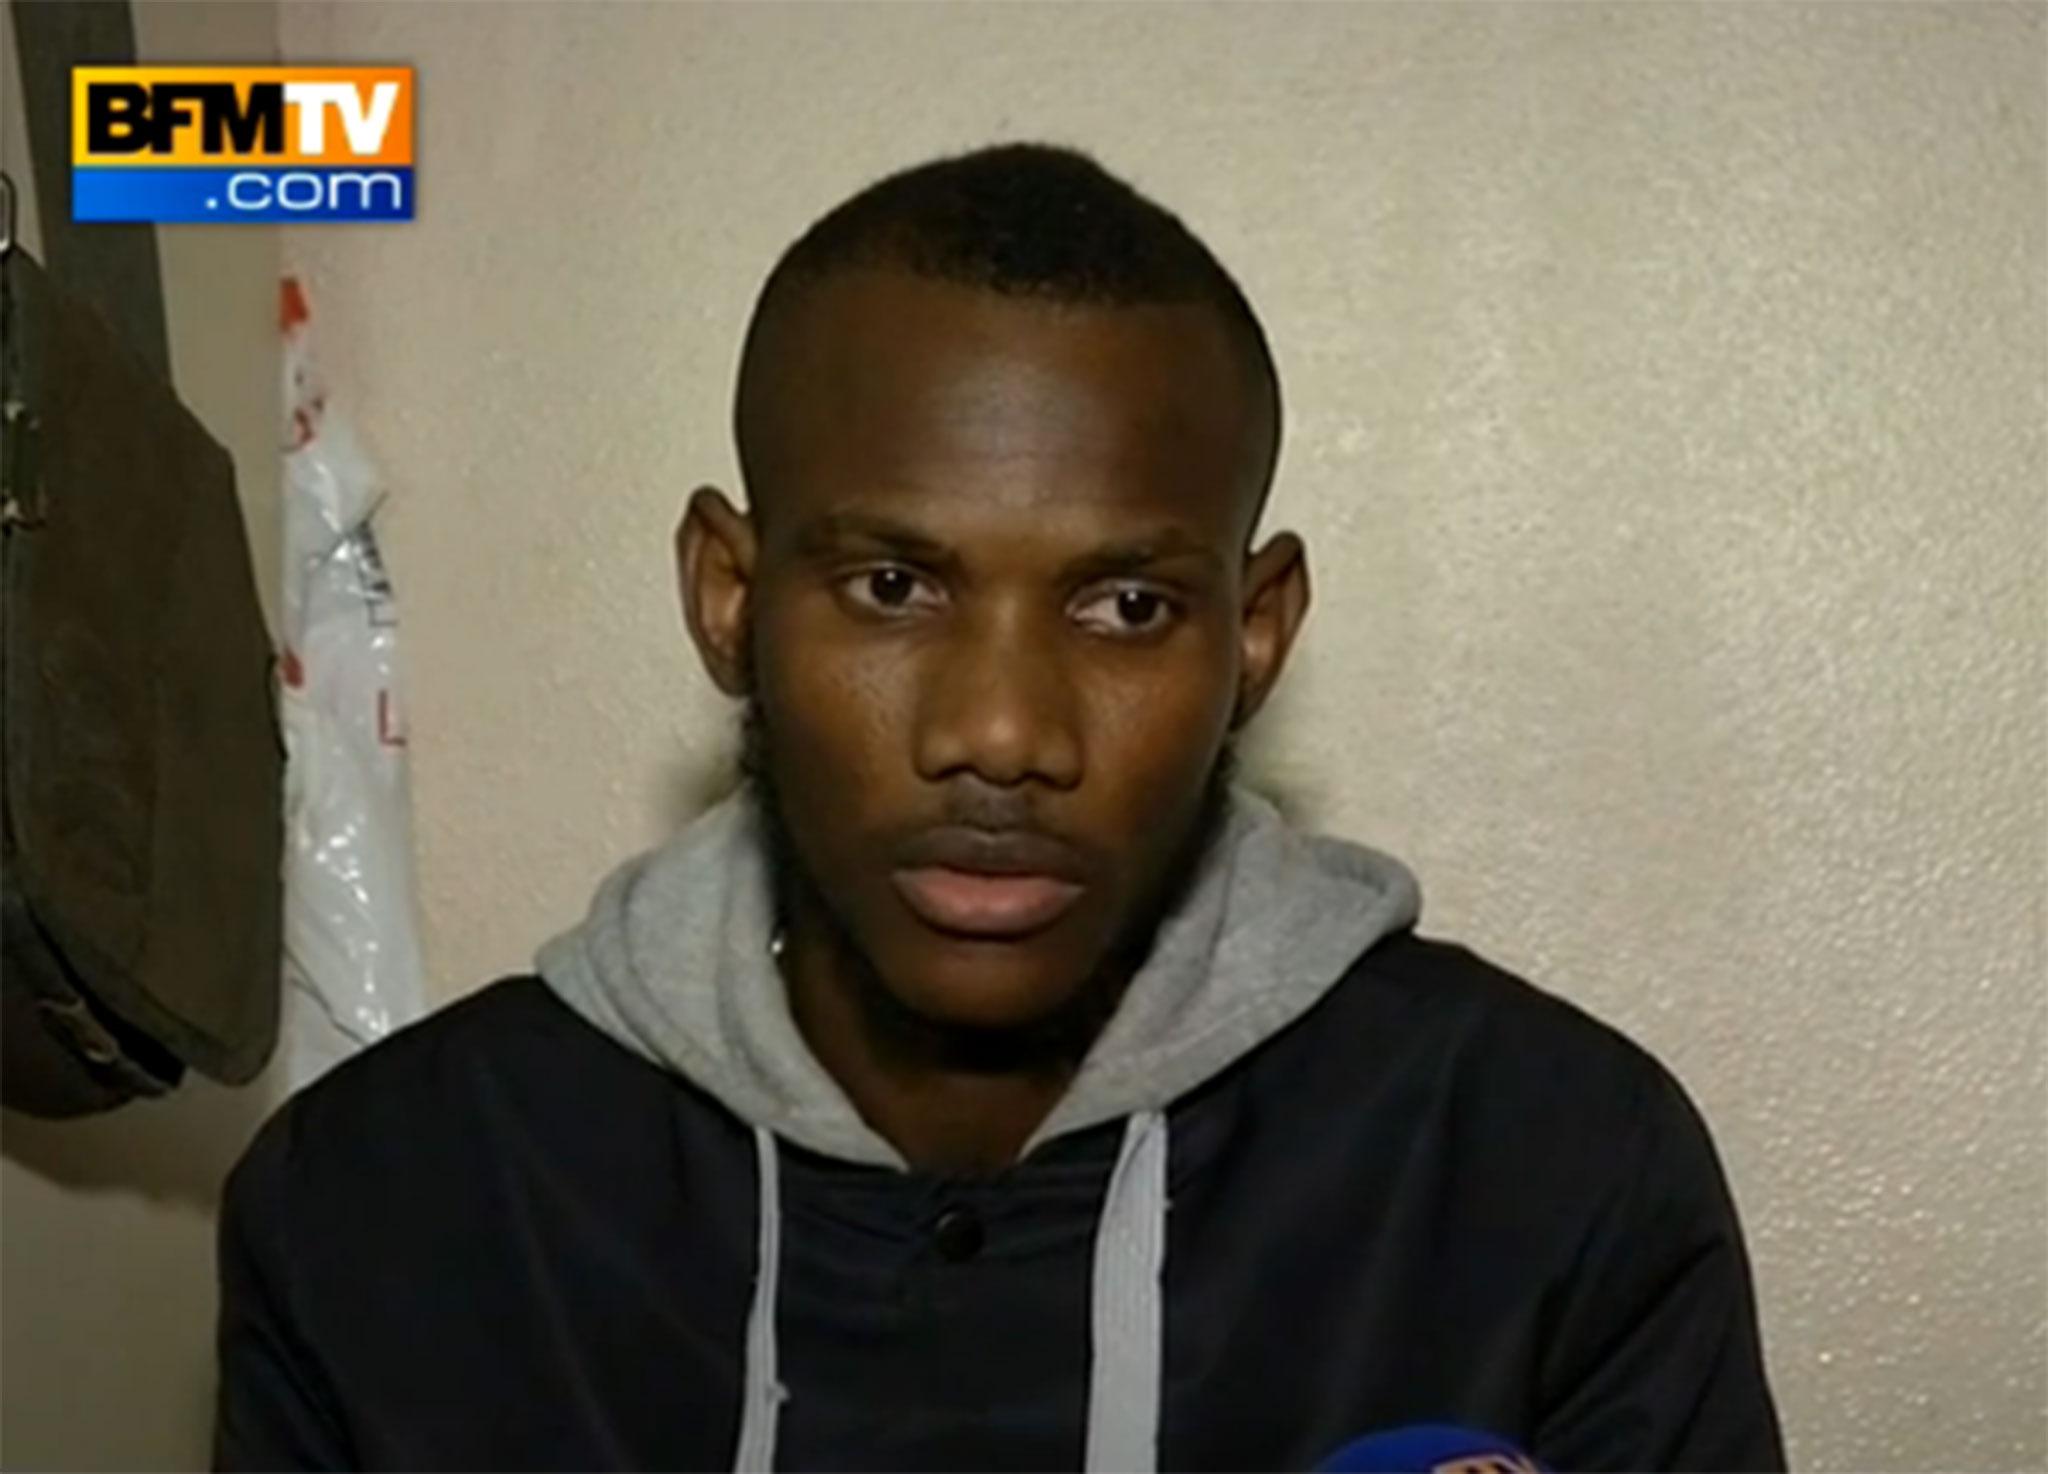 El héroe musulmán de París: Francia otorgará ciudadanía al joven que salvó a rehenes